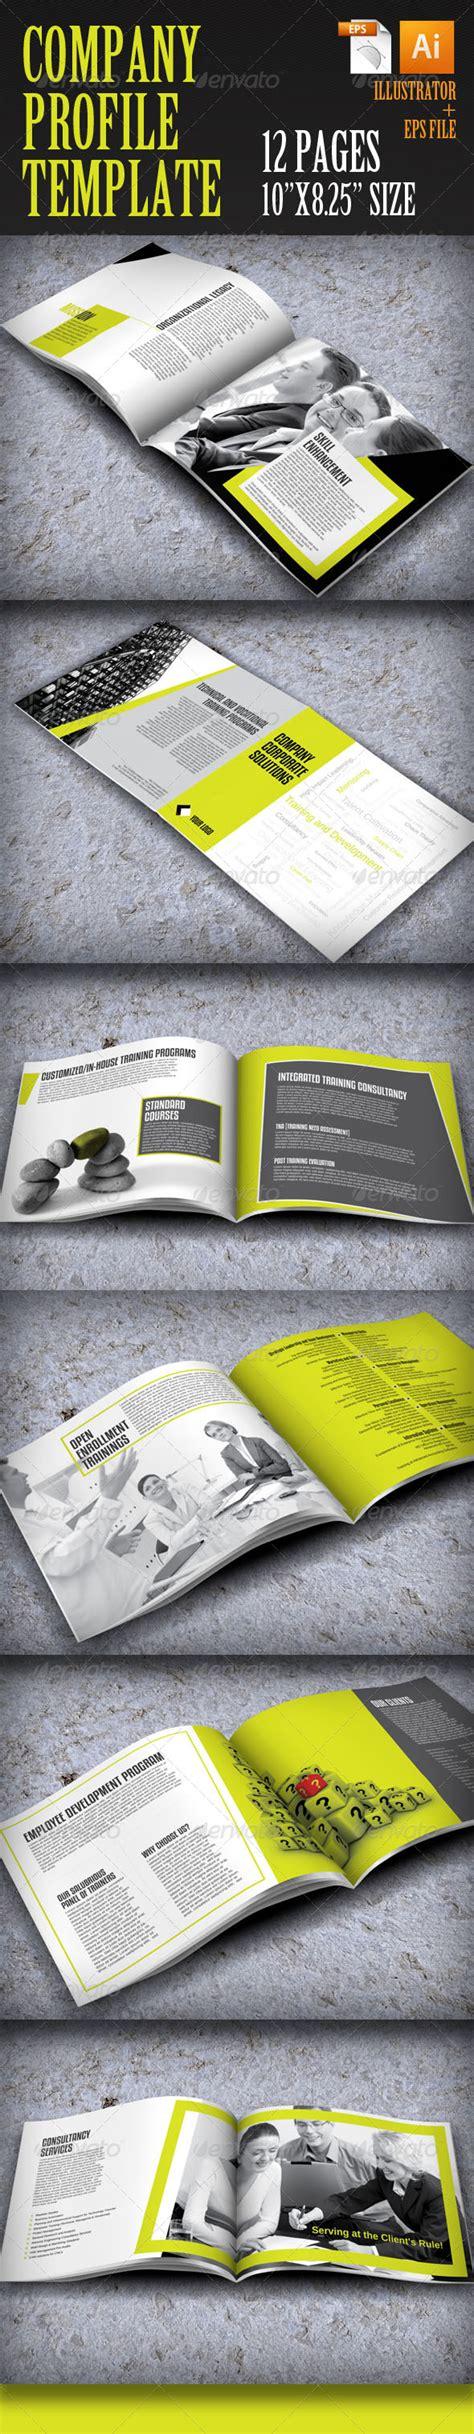 company profile design envato company profile template by zonkash graphicriver